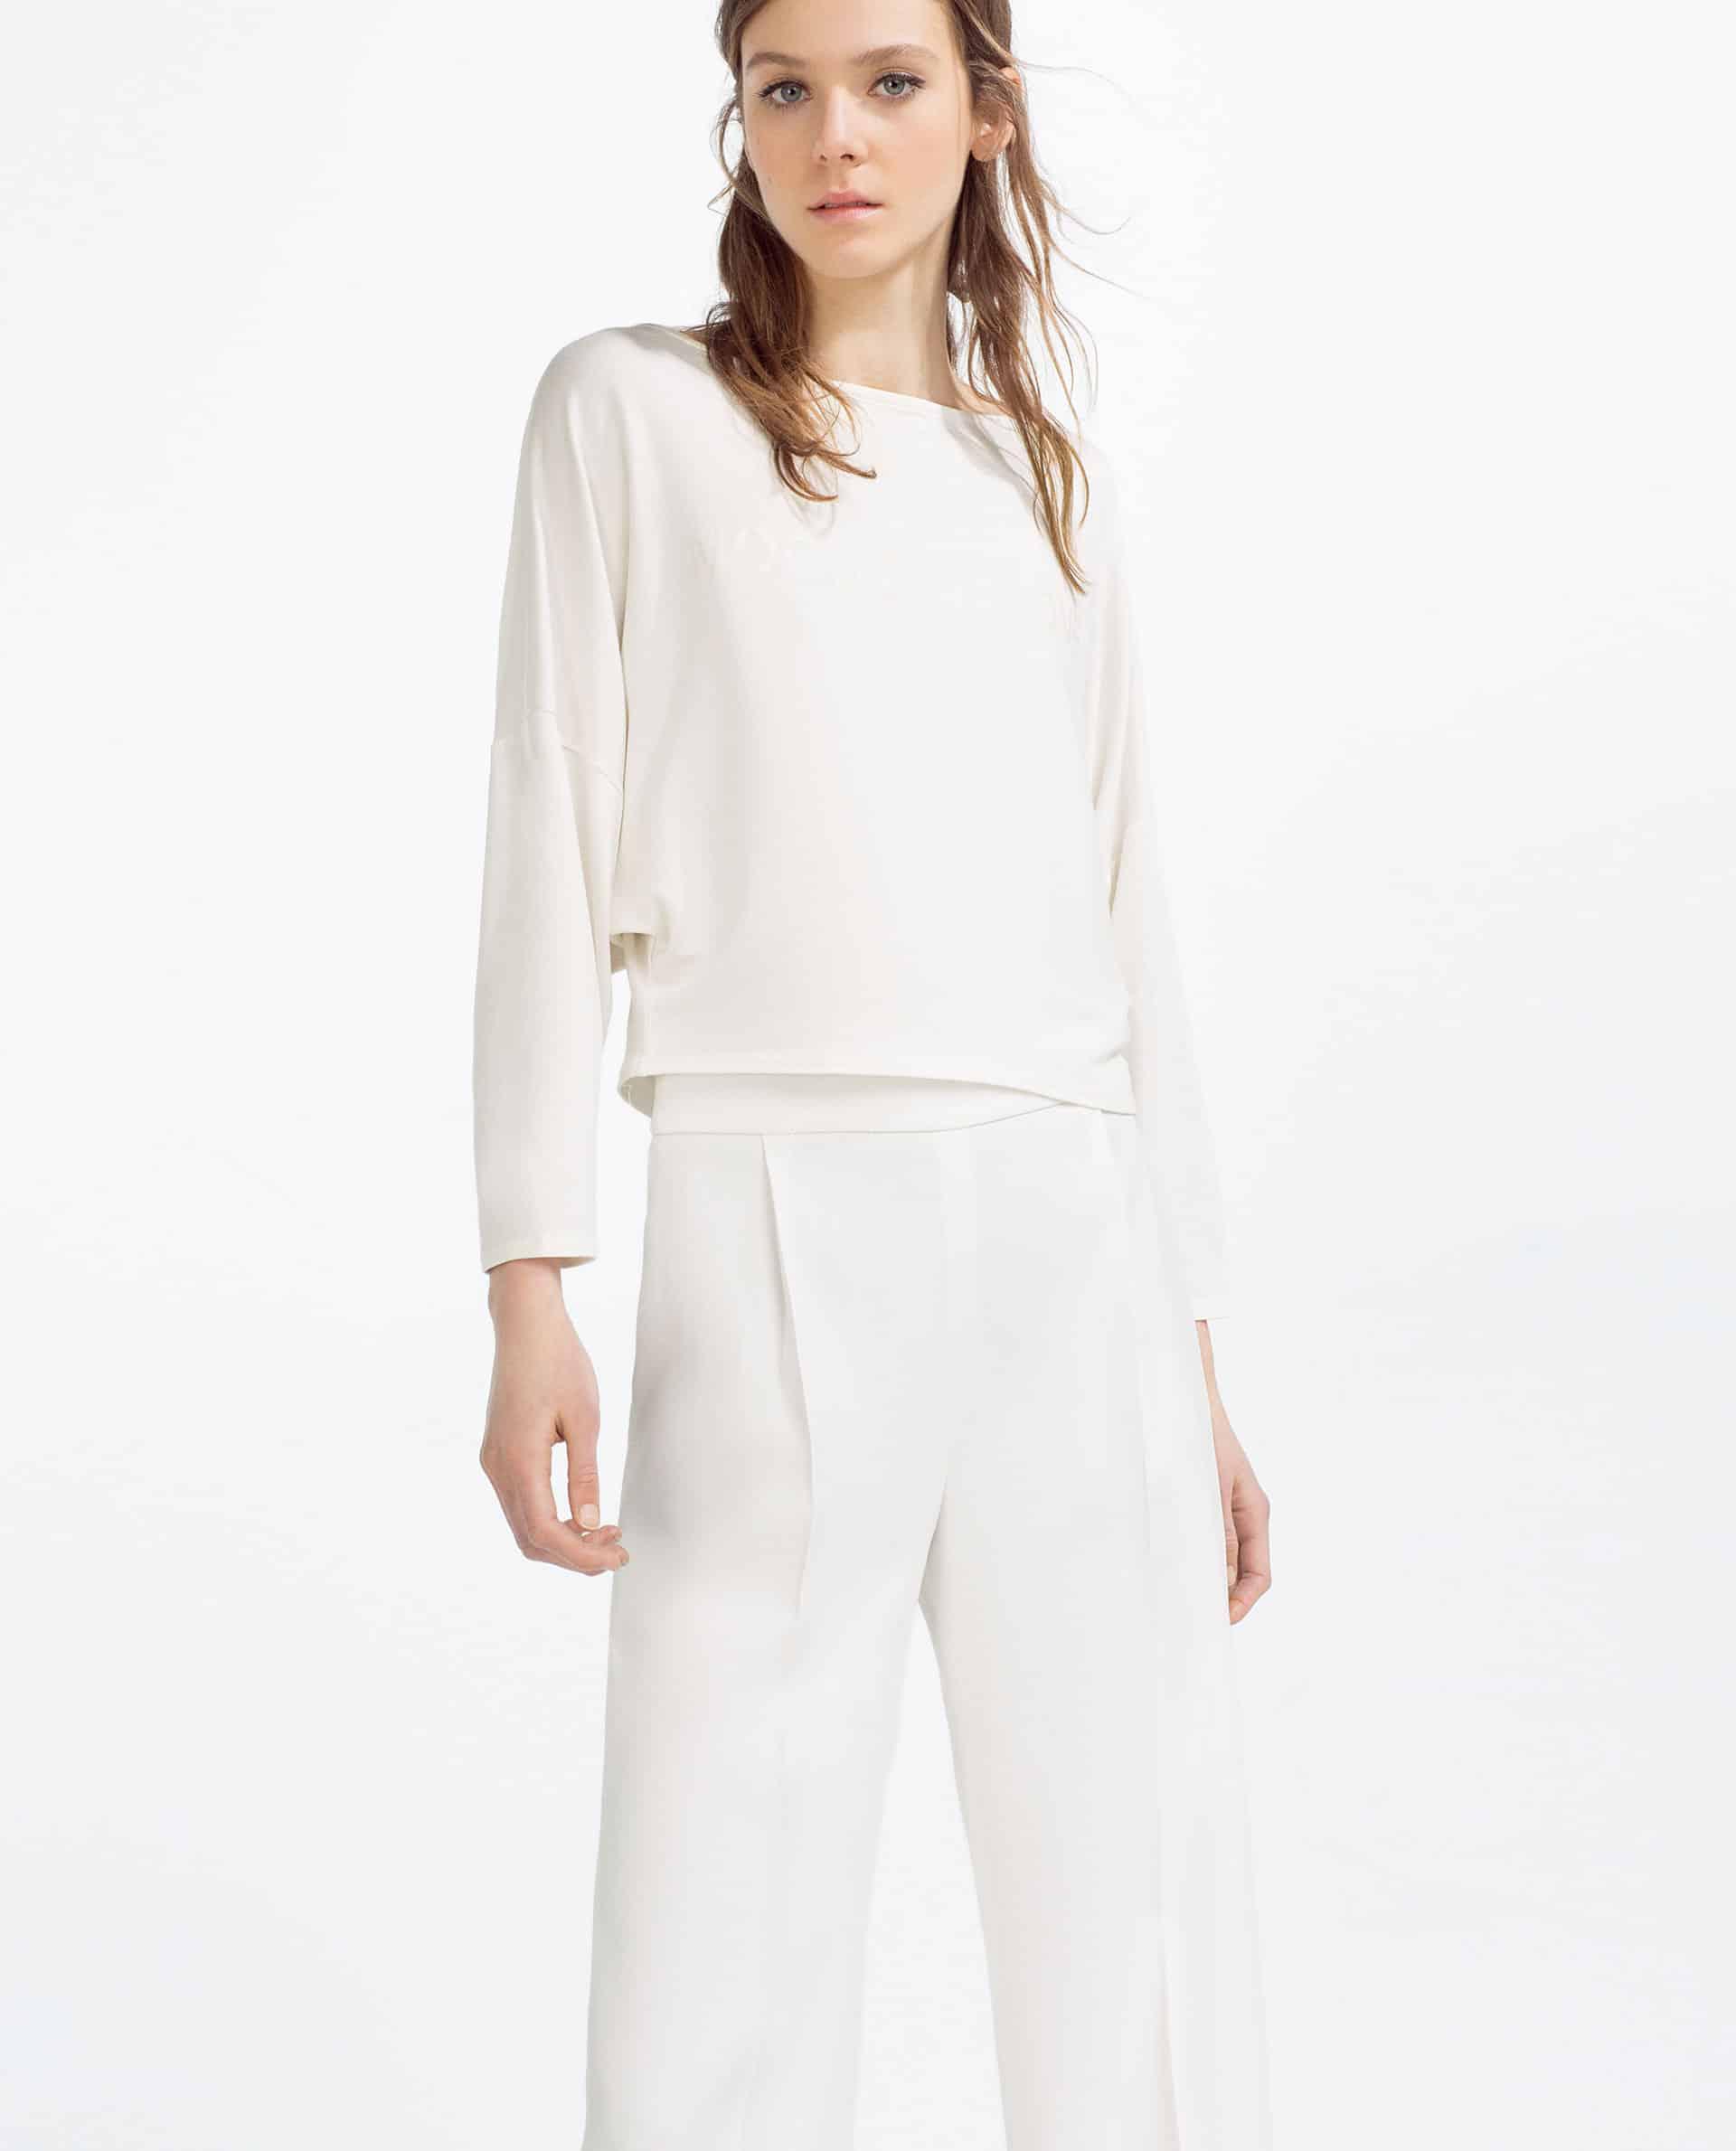 23 Zara catalogo PE 2016 anticipazioni